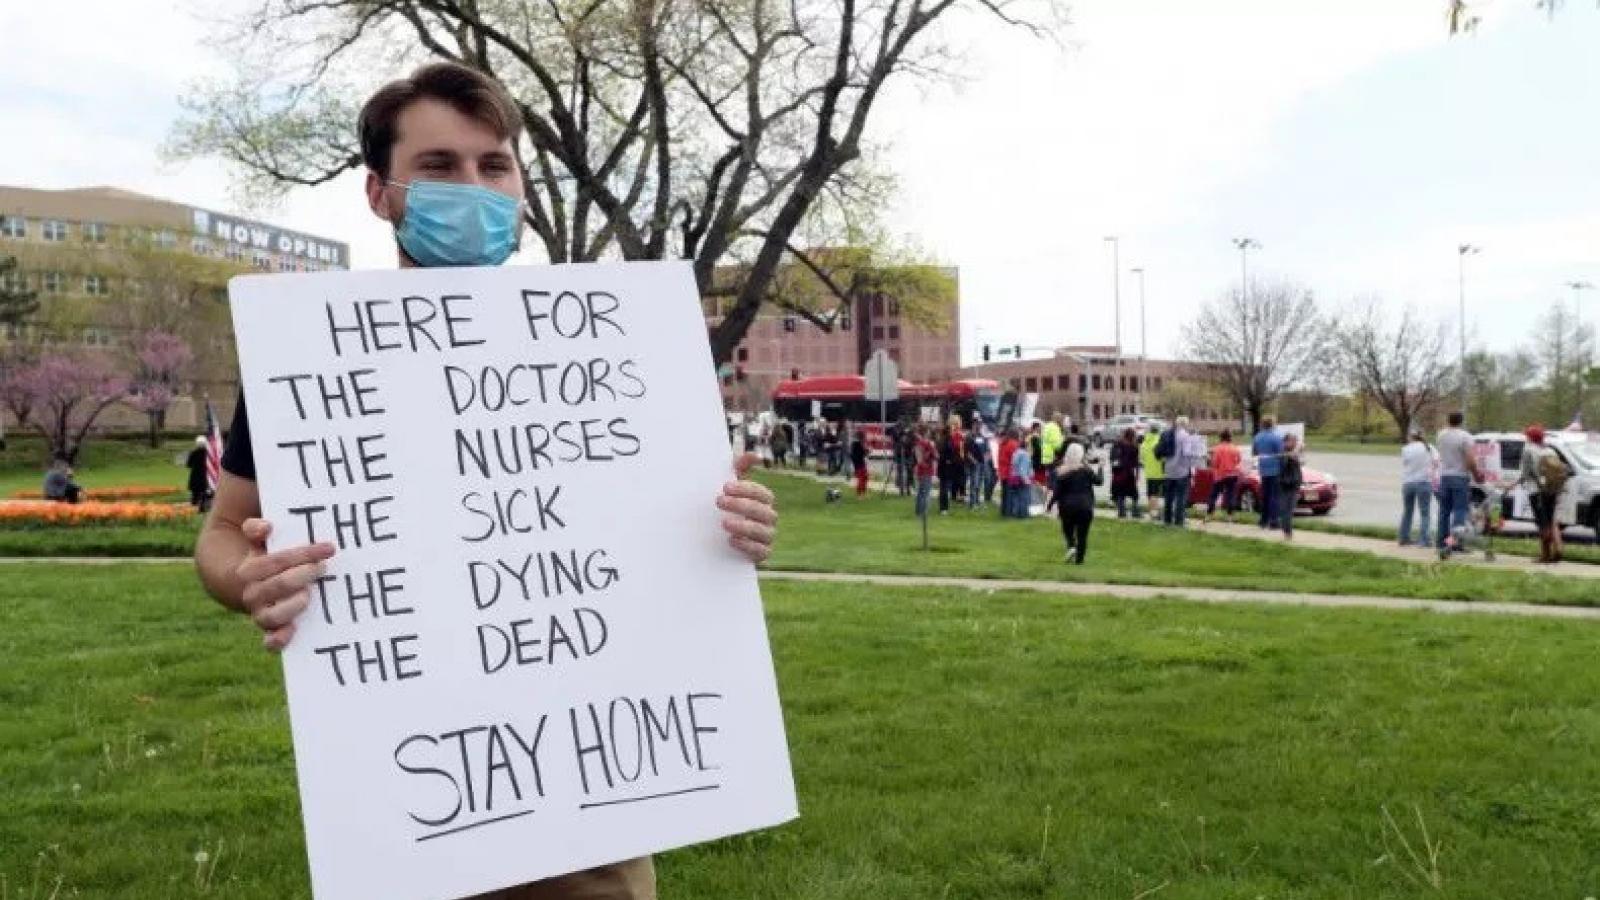 Nhiều người dân Mỹ phản đối các cuộc biểu tình chống cách ly xã hội